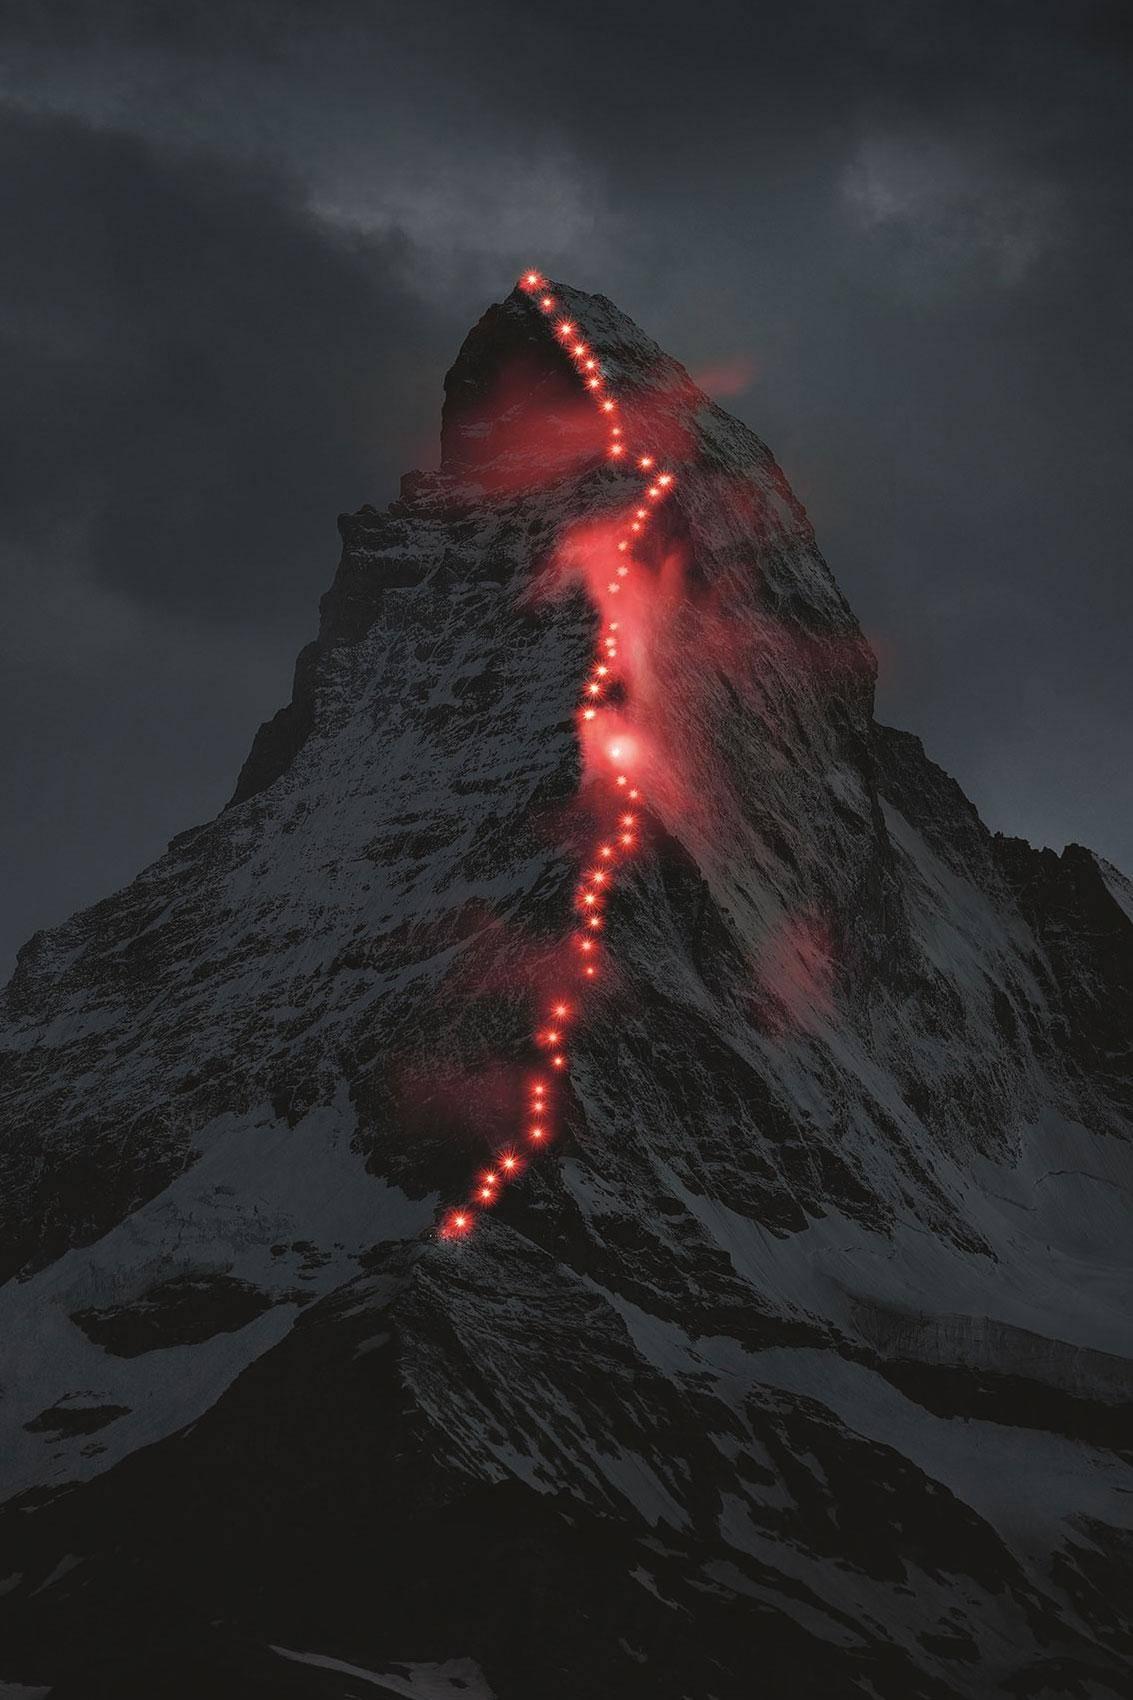 灯照亮了2015年7月8日星期三晚在瑞士策马特著名的马特宏峰山上的第一次上升的路径。